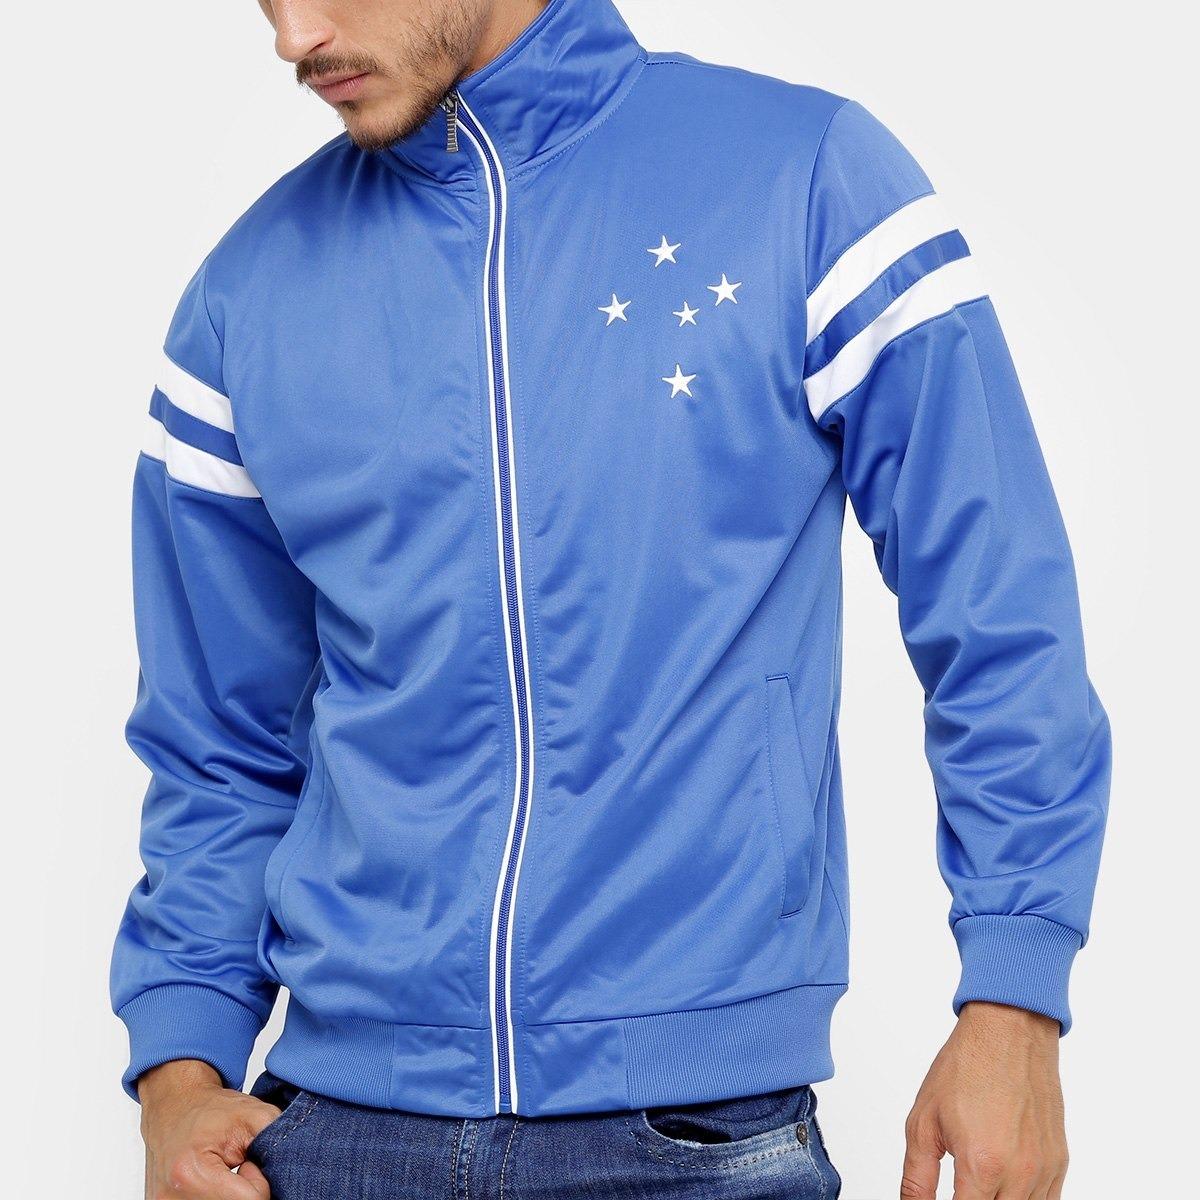 f95a26656dc7a jaqueta cruzeiro 100%original masculina - azul e branco. Carregando zoom.